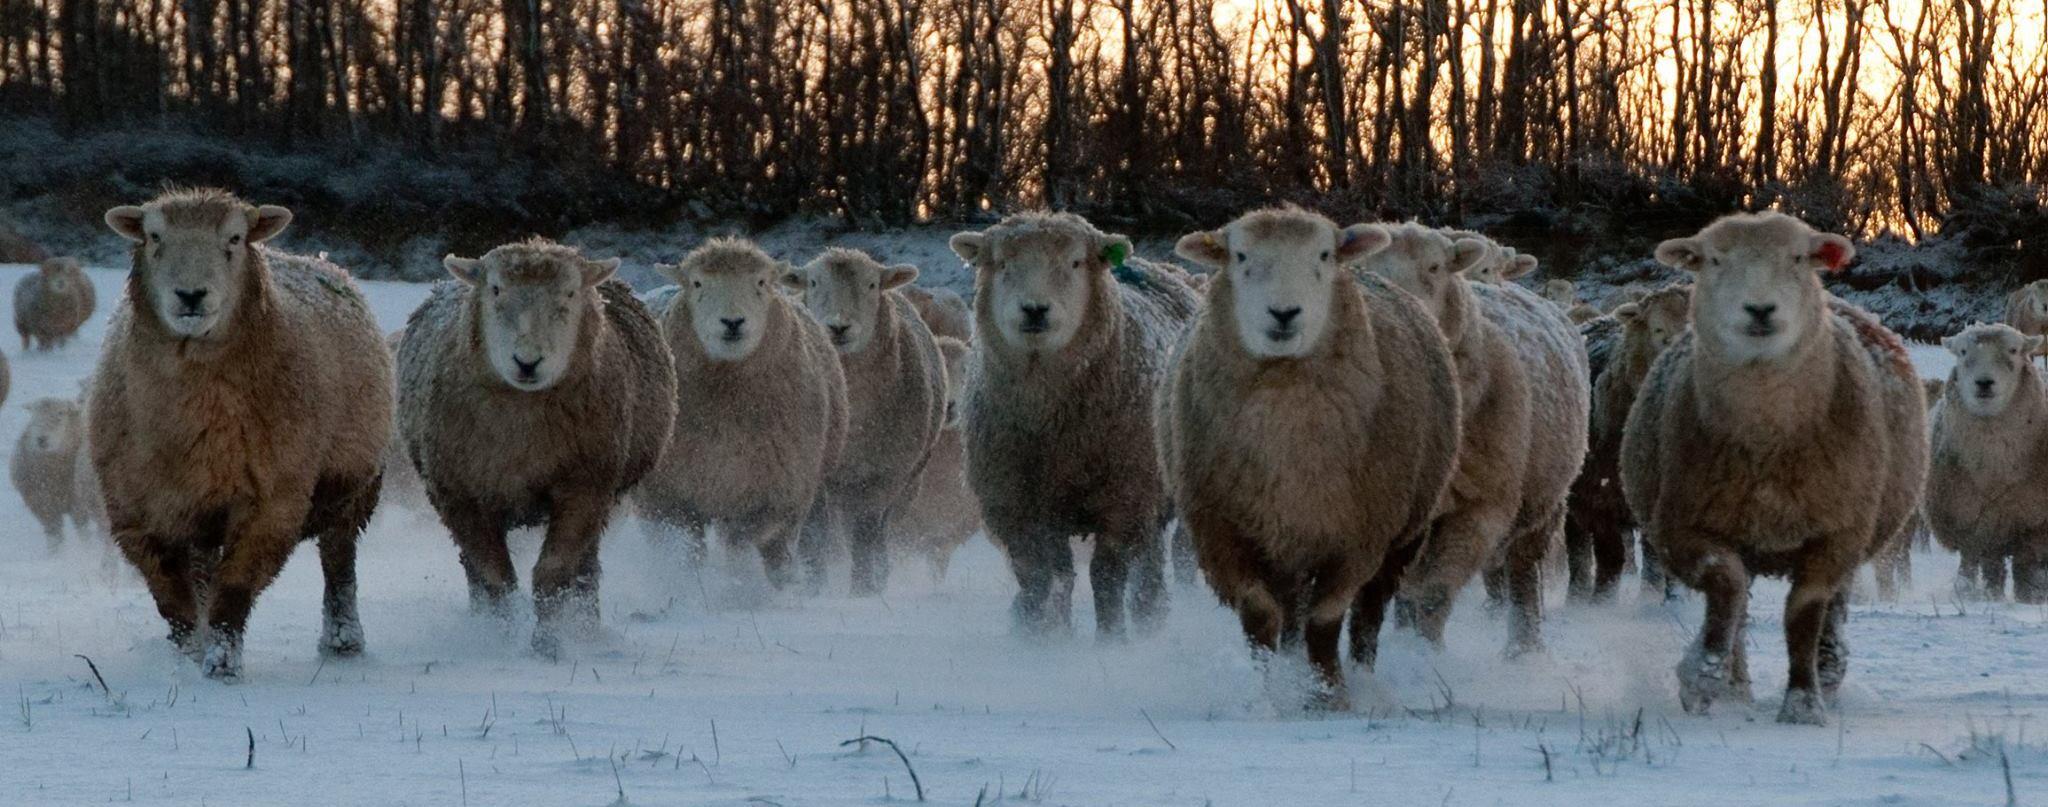 Exmoor in Winter